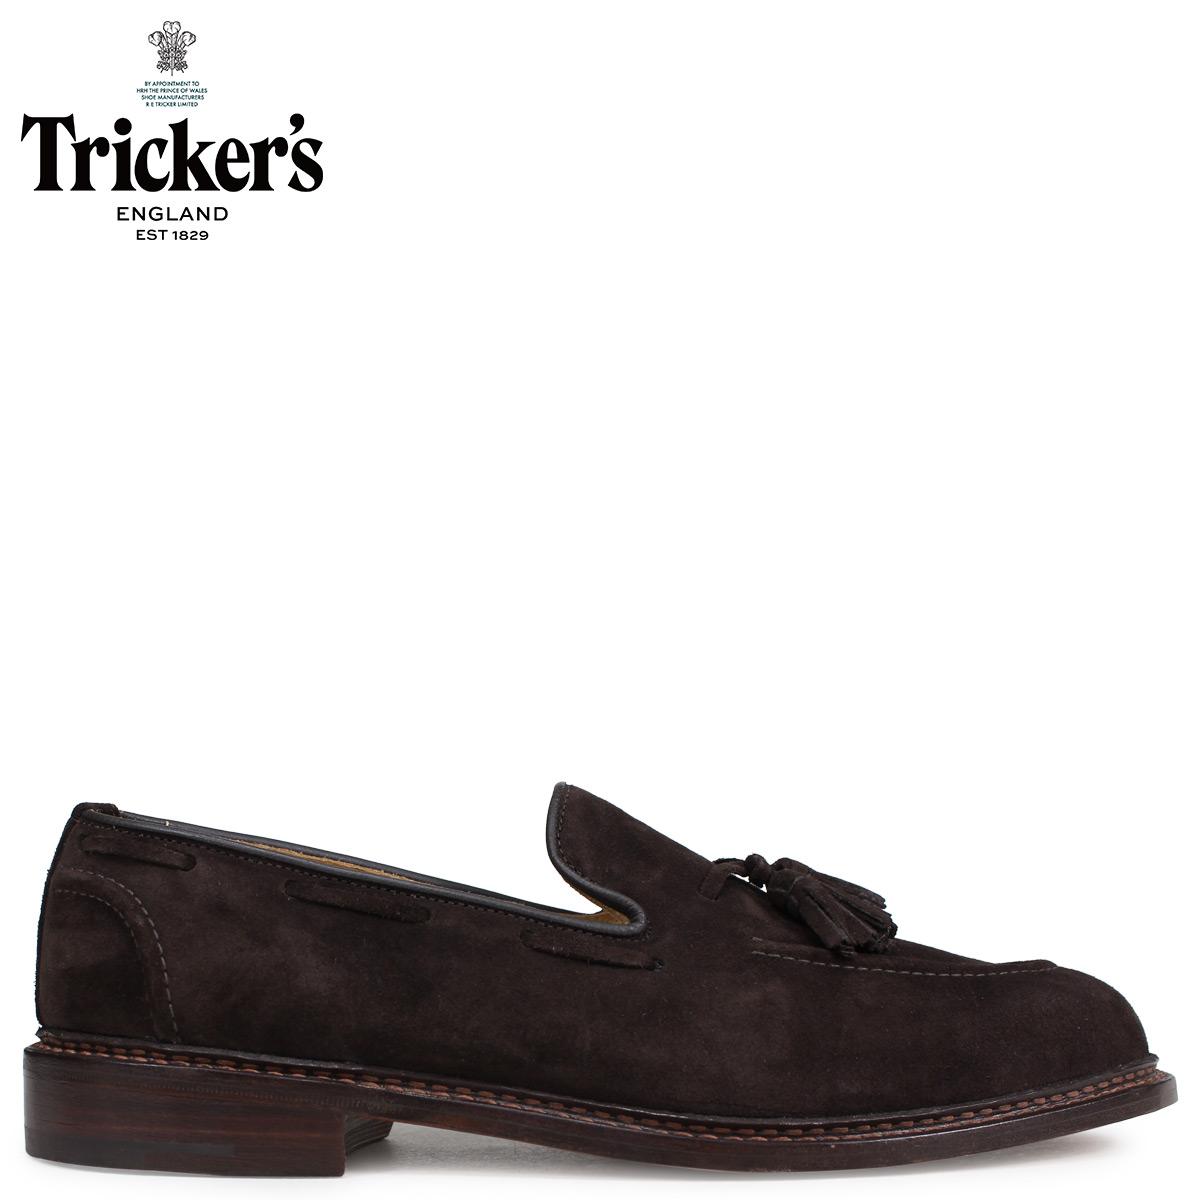 Tricker's トリッカーズ ローファー シューズ タッセルローファー ELTON 5ワイズ メンズ ブラウン 8011